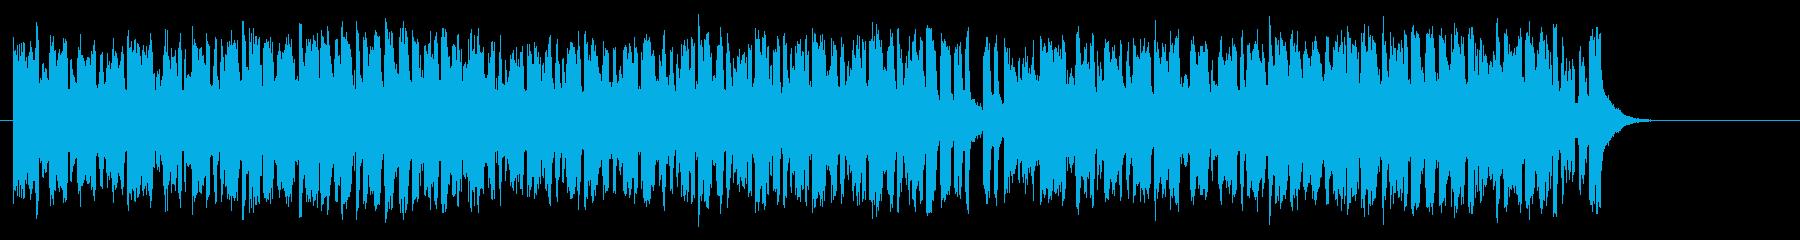 華やかで陽気なビッグ・バンド風ポップスの再生済みの波形